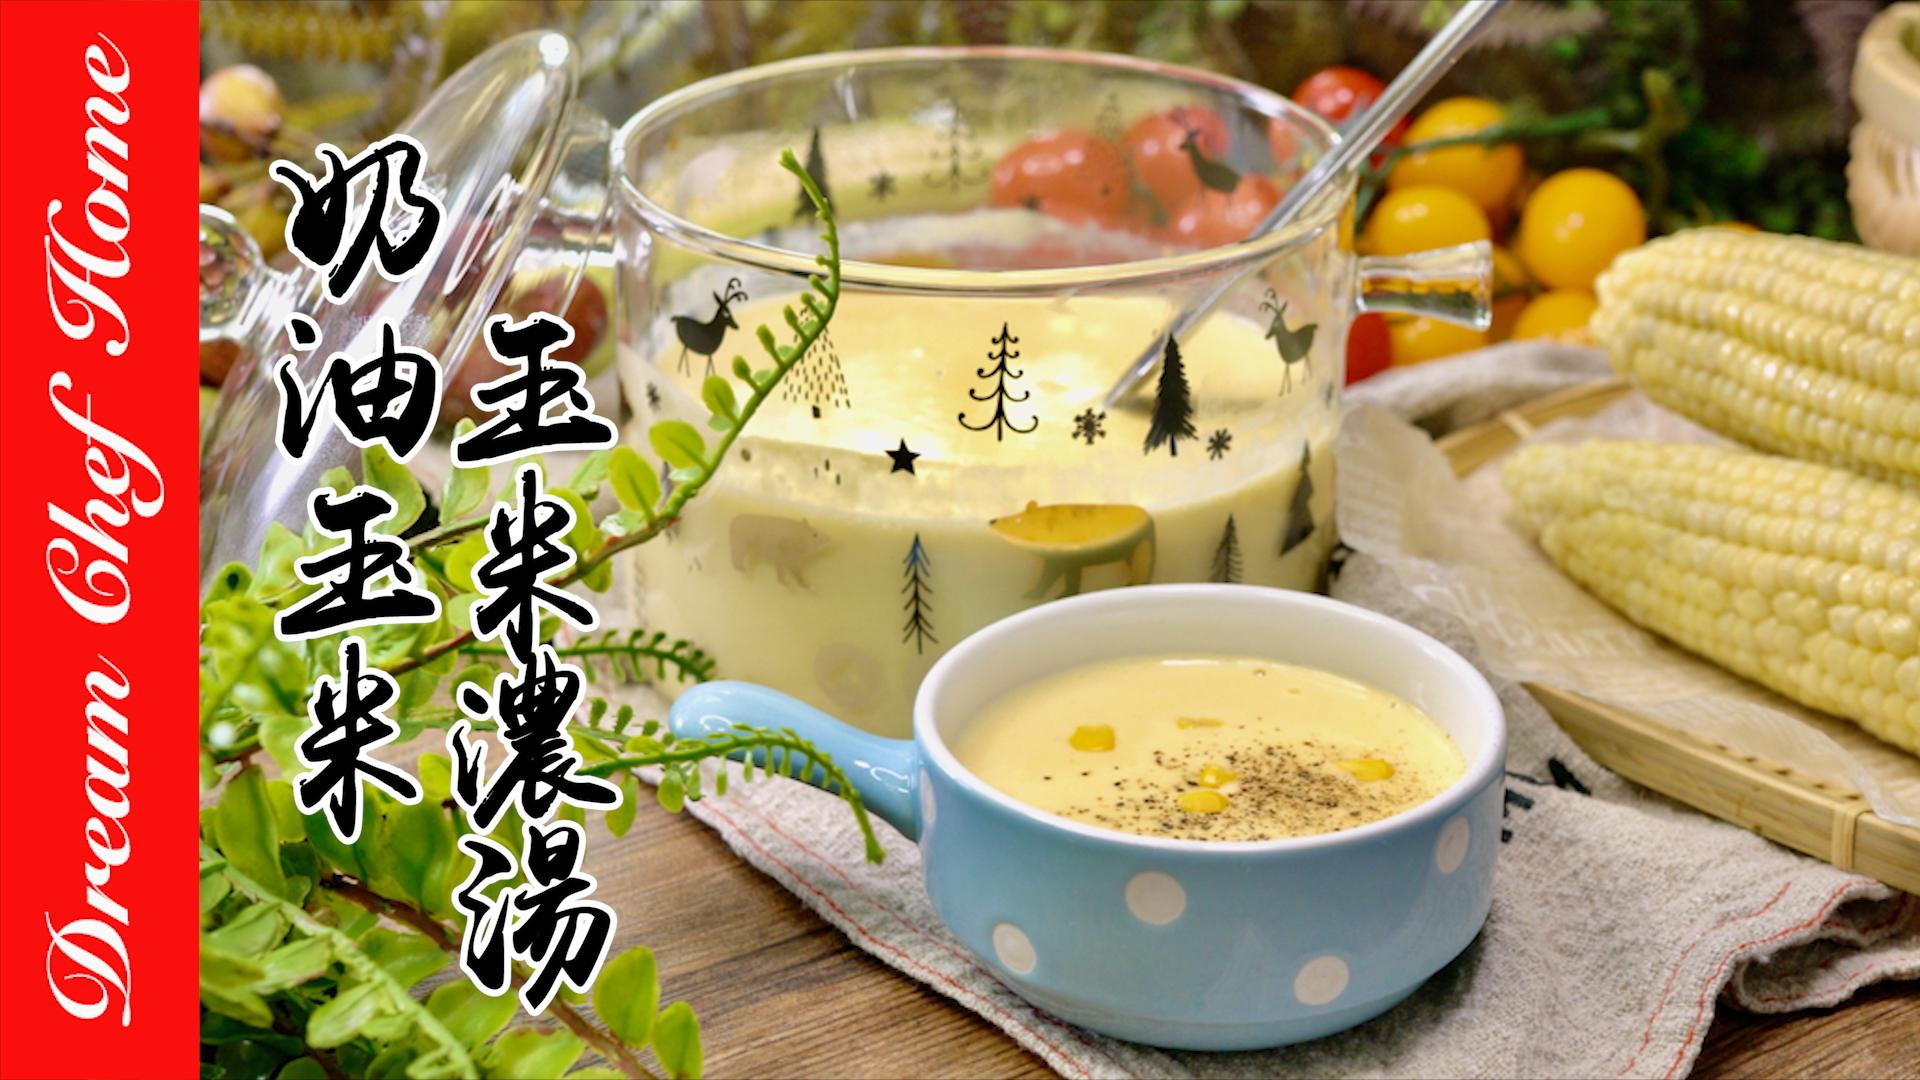 上桌秒殺版玉米濃湯,最原味鮮甜玉米濃湯做法,順便學會奶油玉米